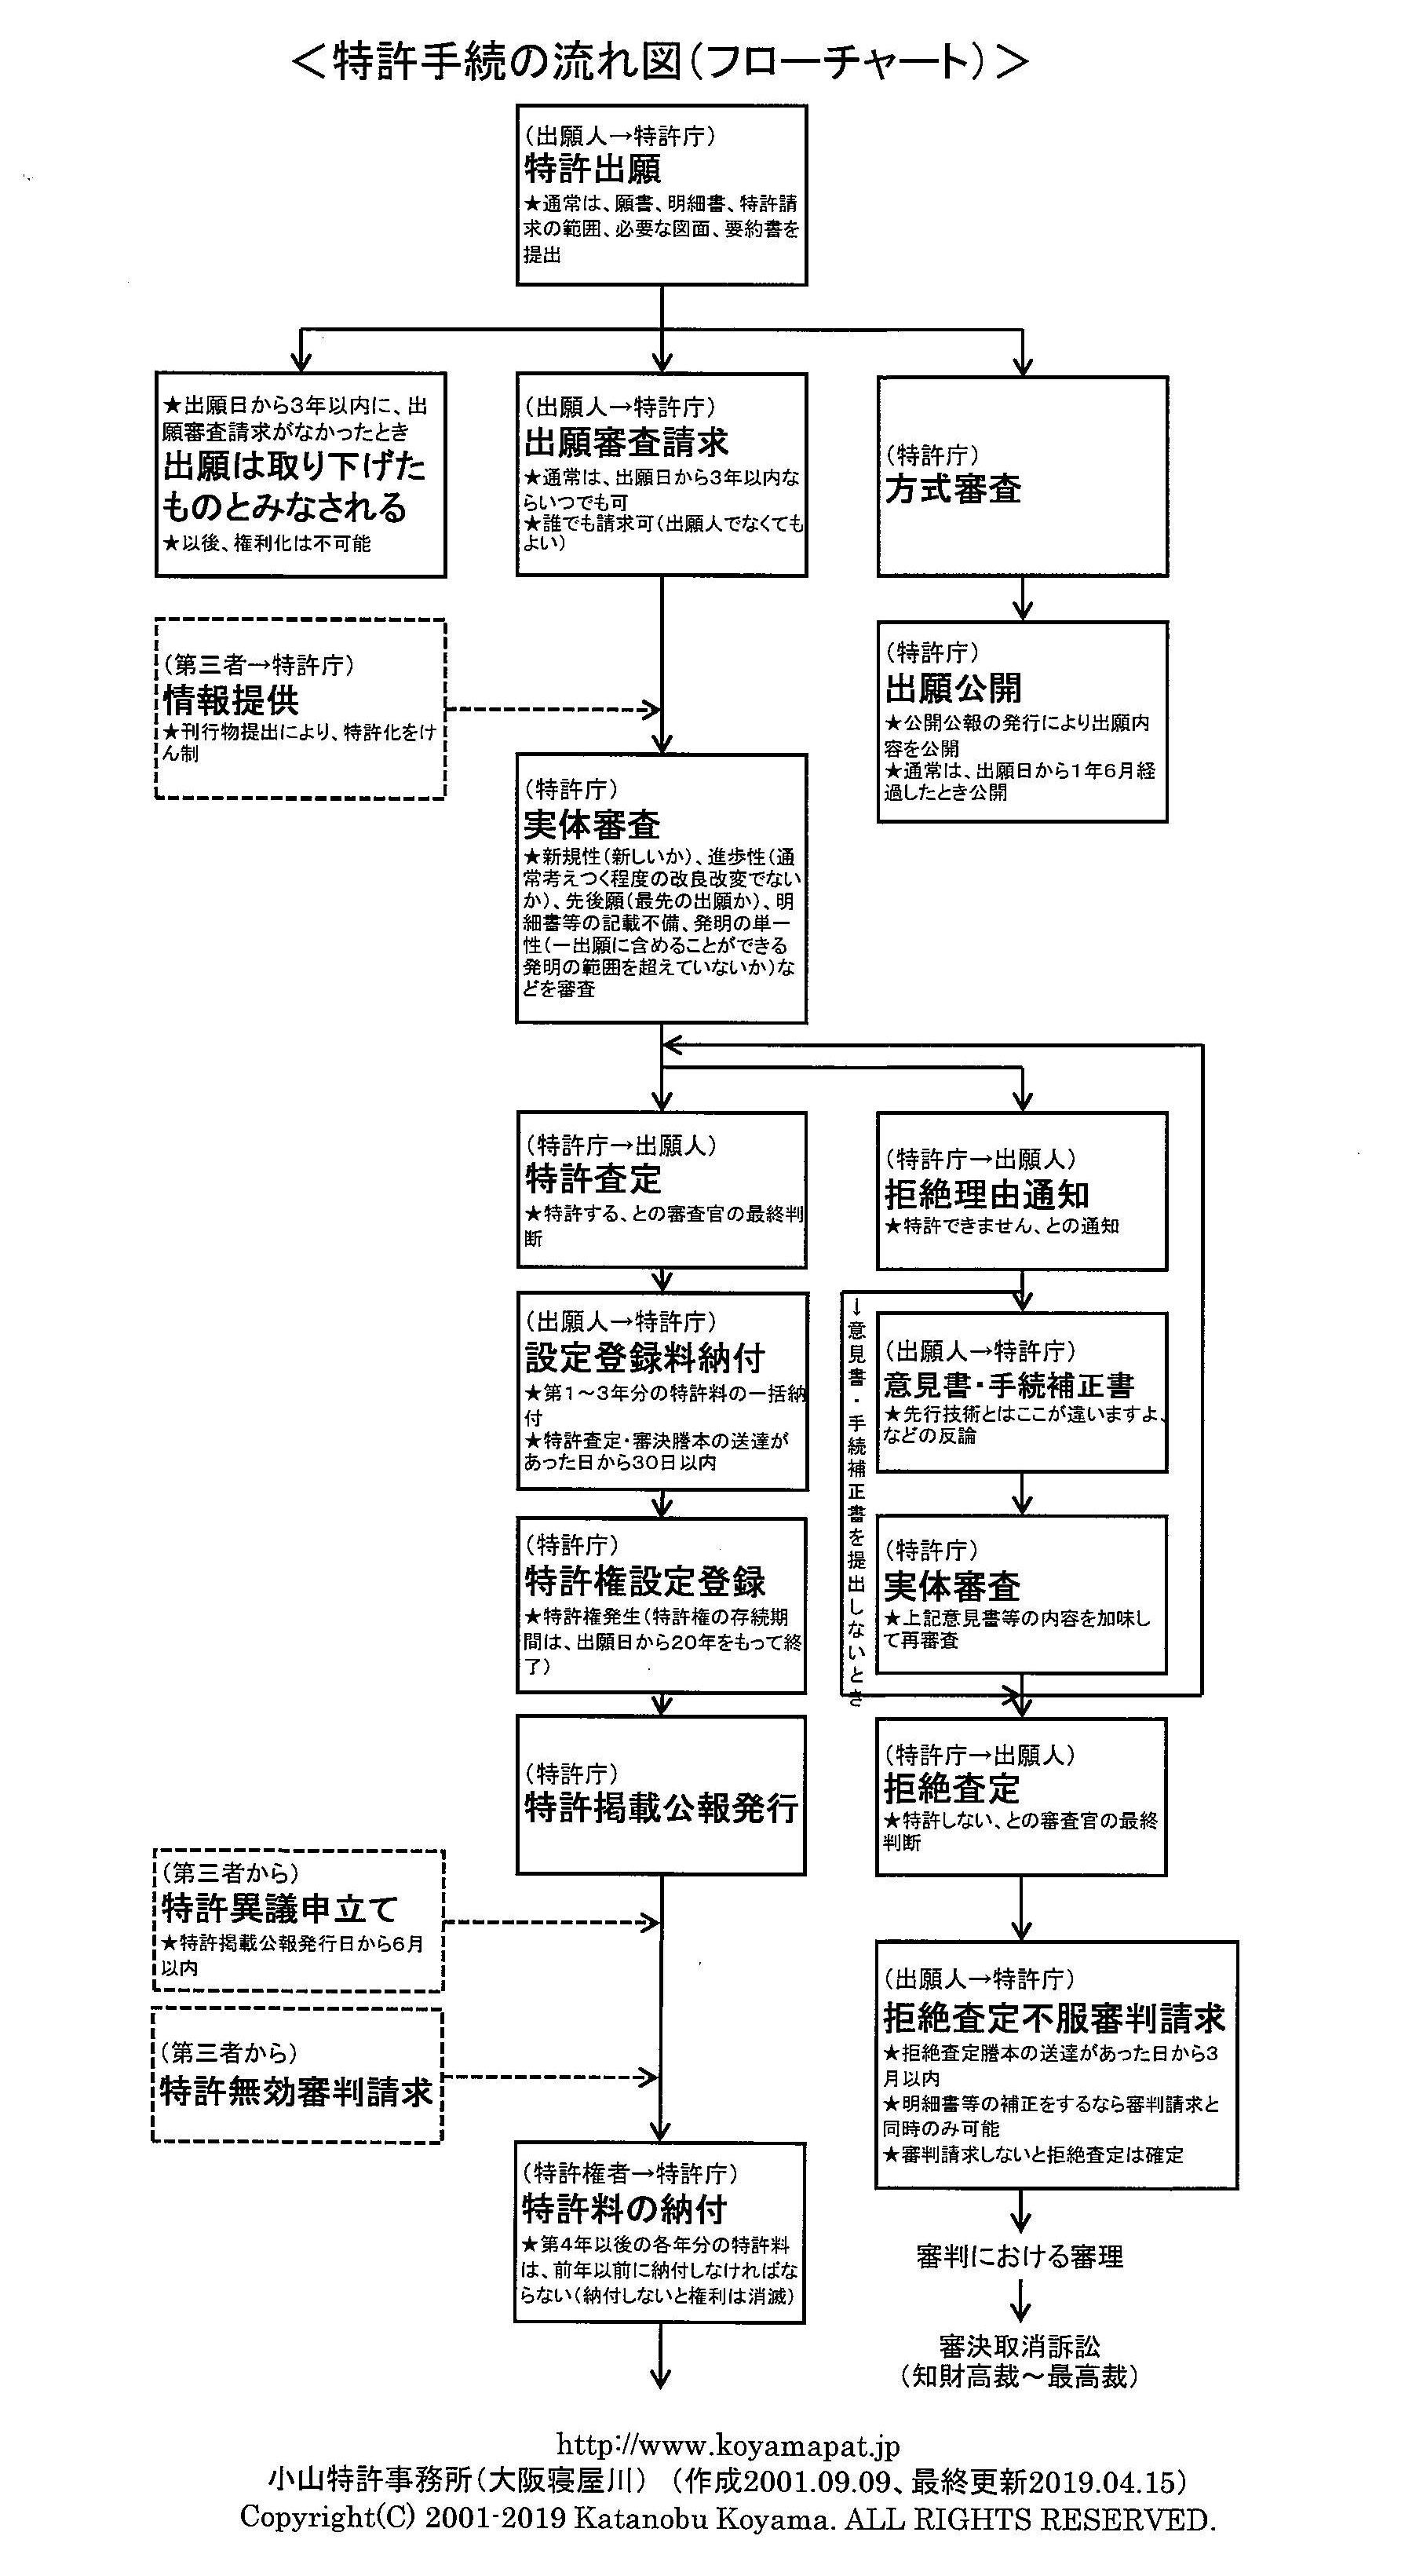 特許の流れ(フローチャート)